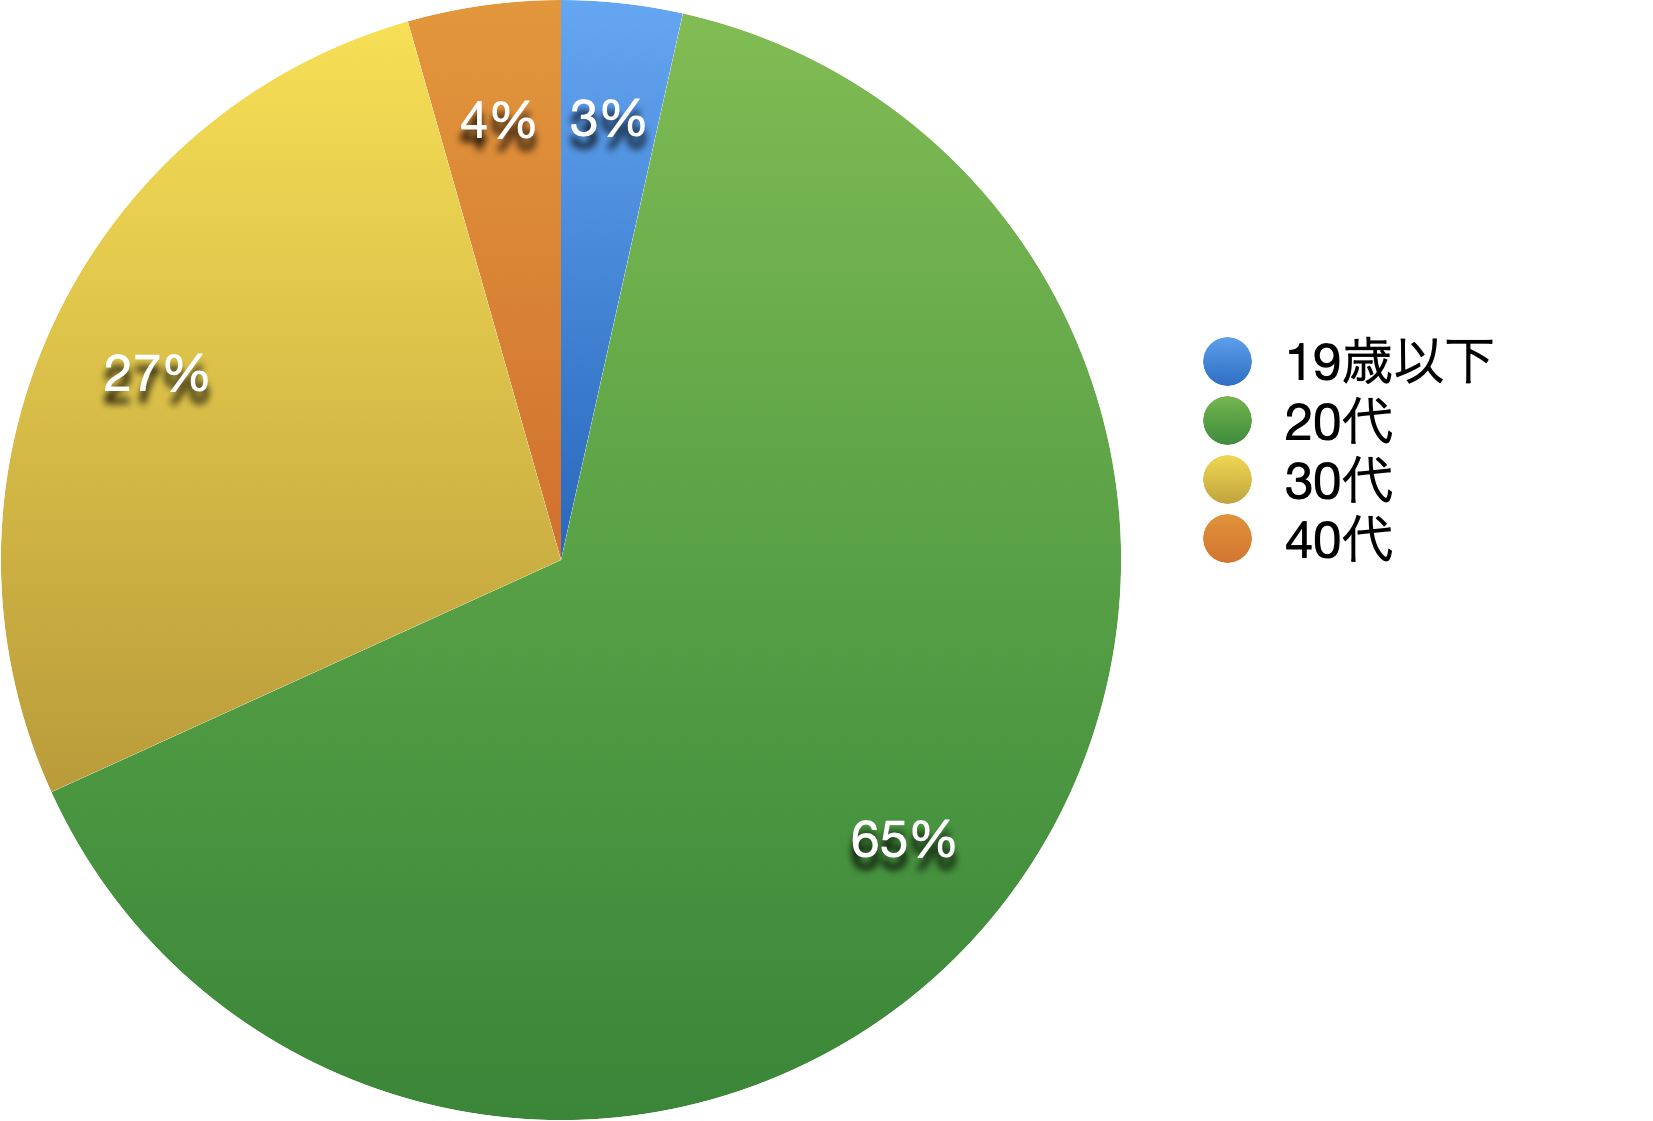 2020年年齢層別学生比率の円グラフ